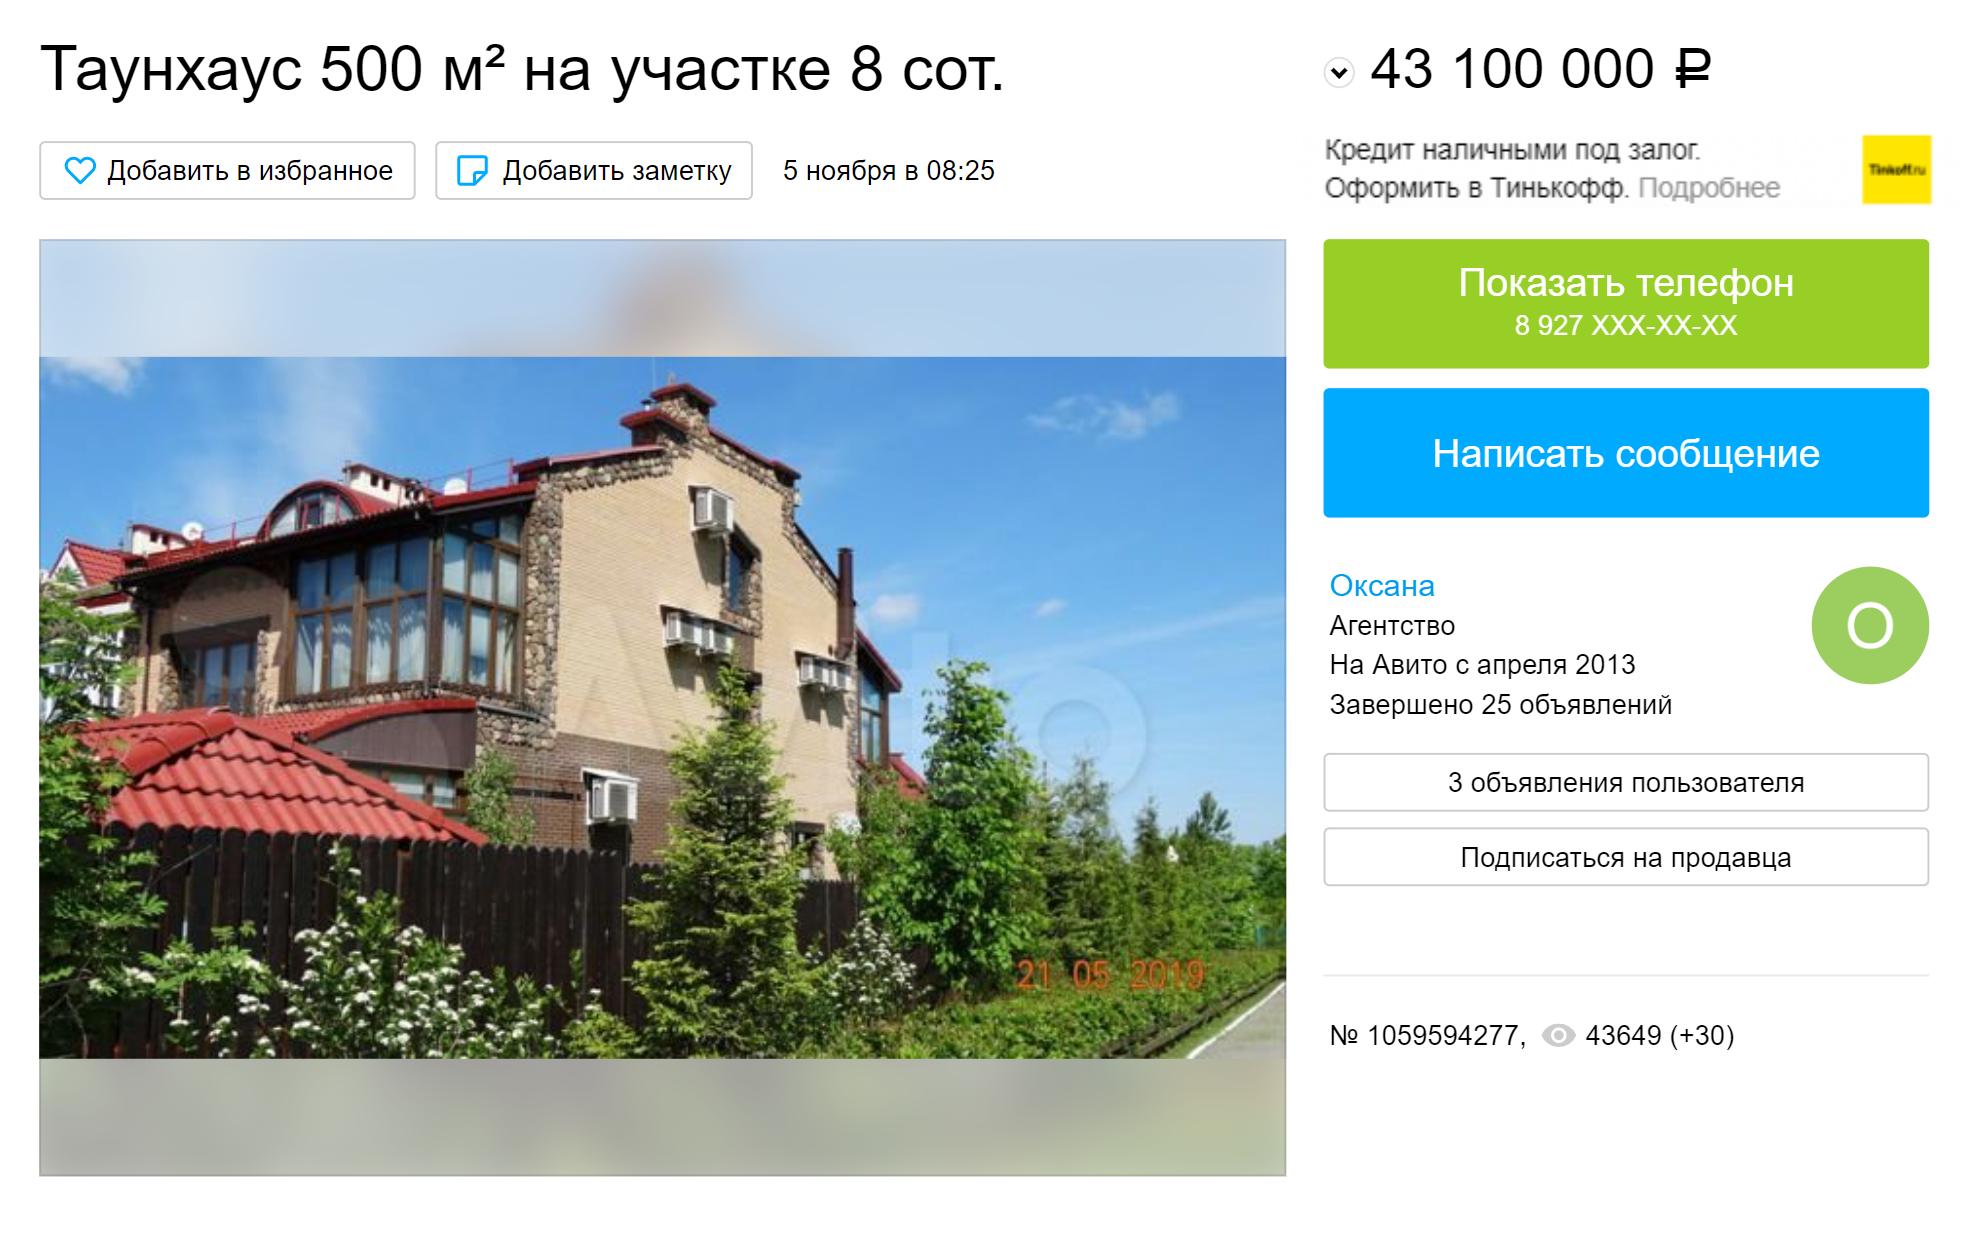 Лакшери-вариант: таунхаус вэлитном районе Волжский-3 недалеко отВолги за43миллиона